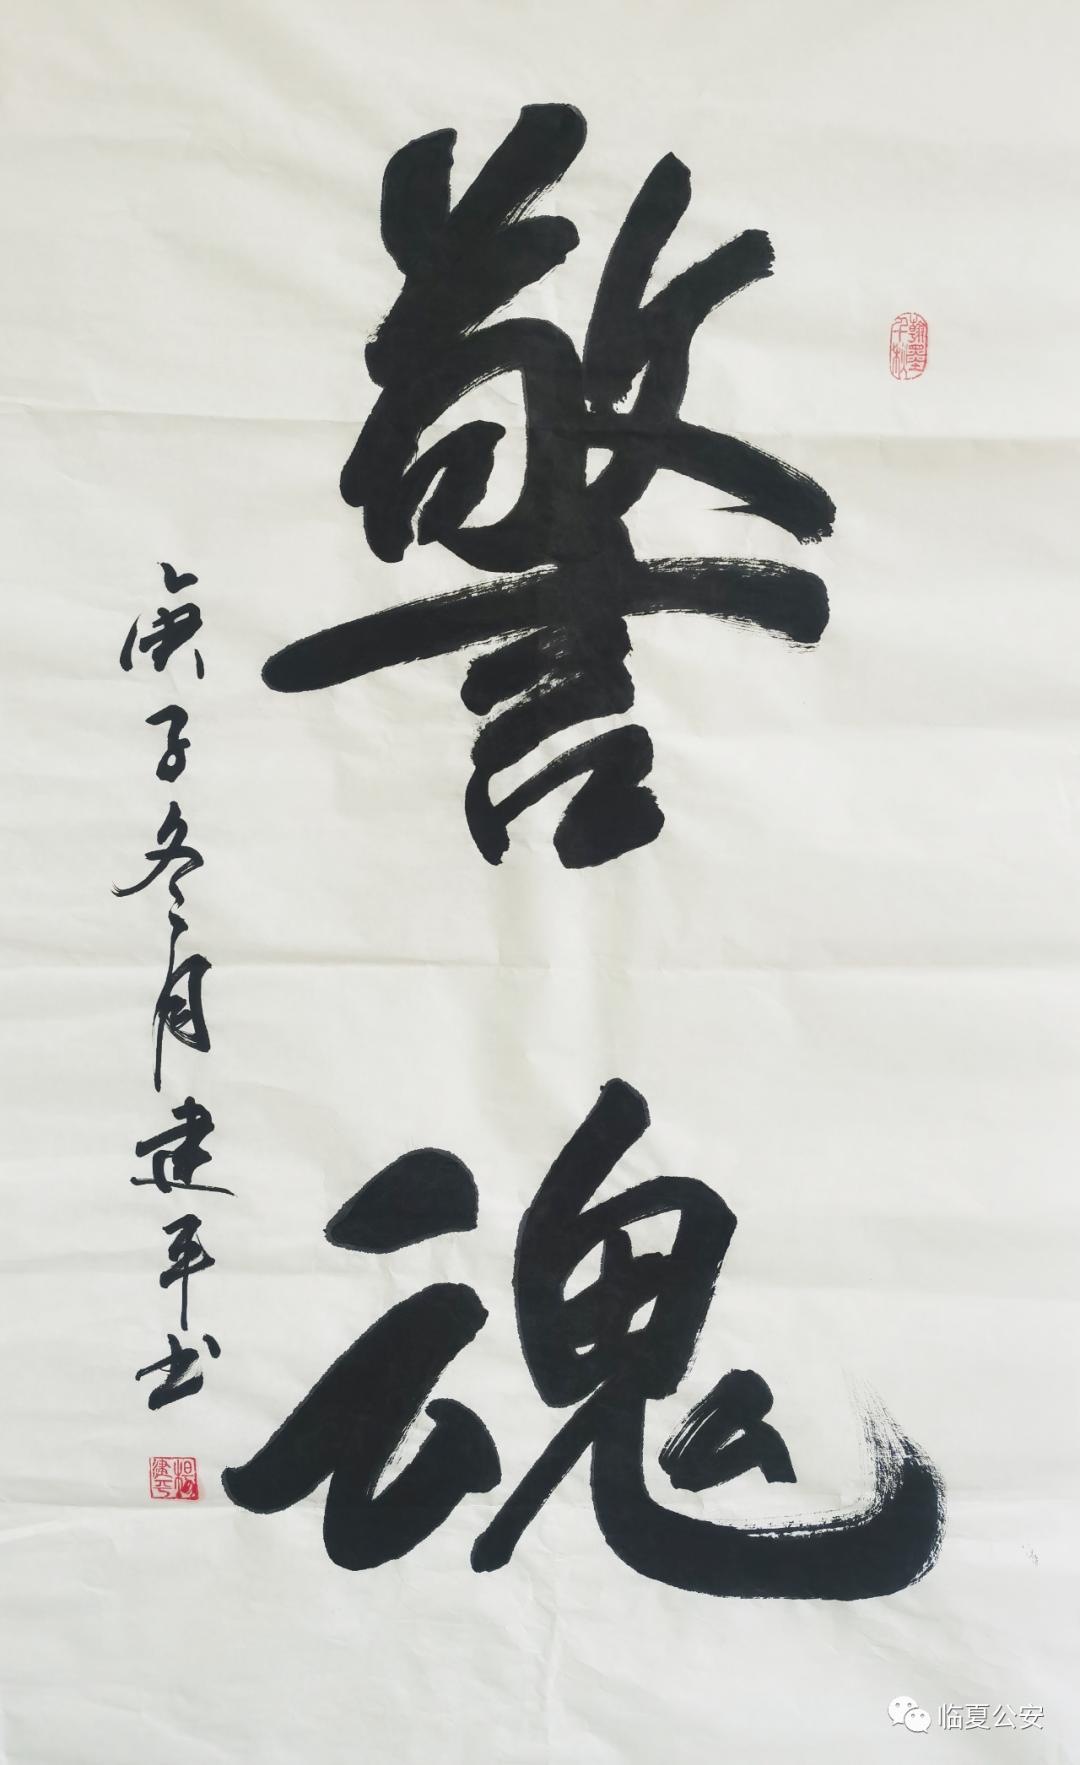 【你好,警察节】临夏公安文联向首个中国人民警察节献礼(二)